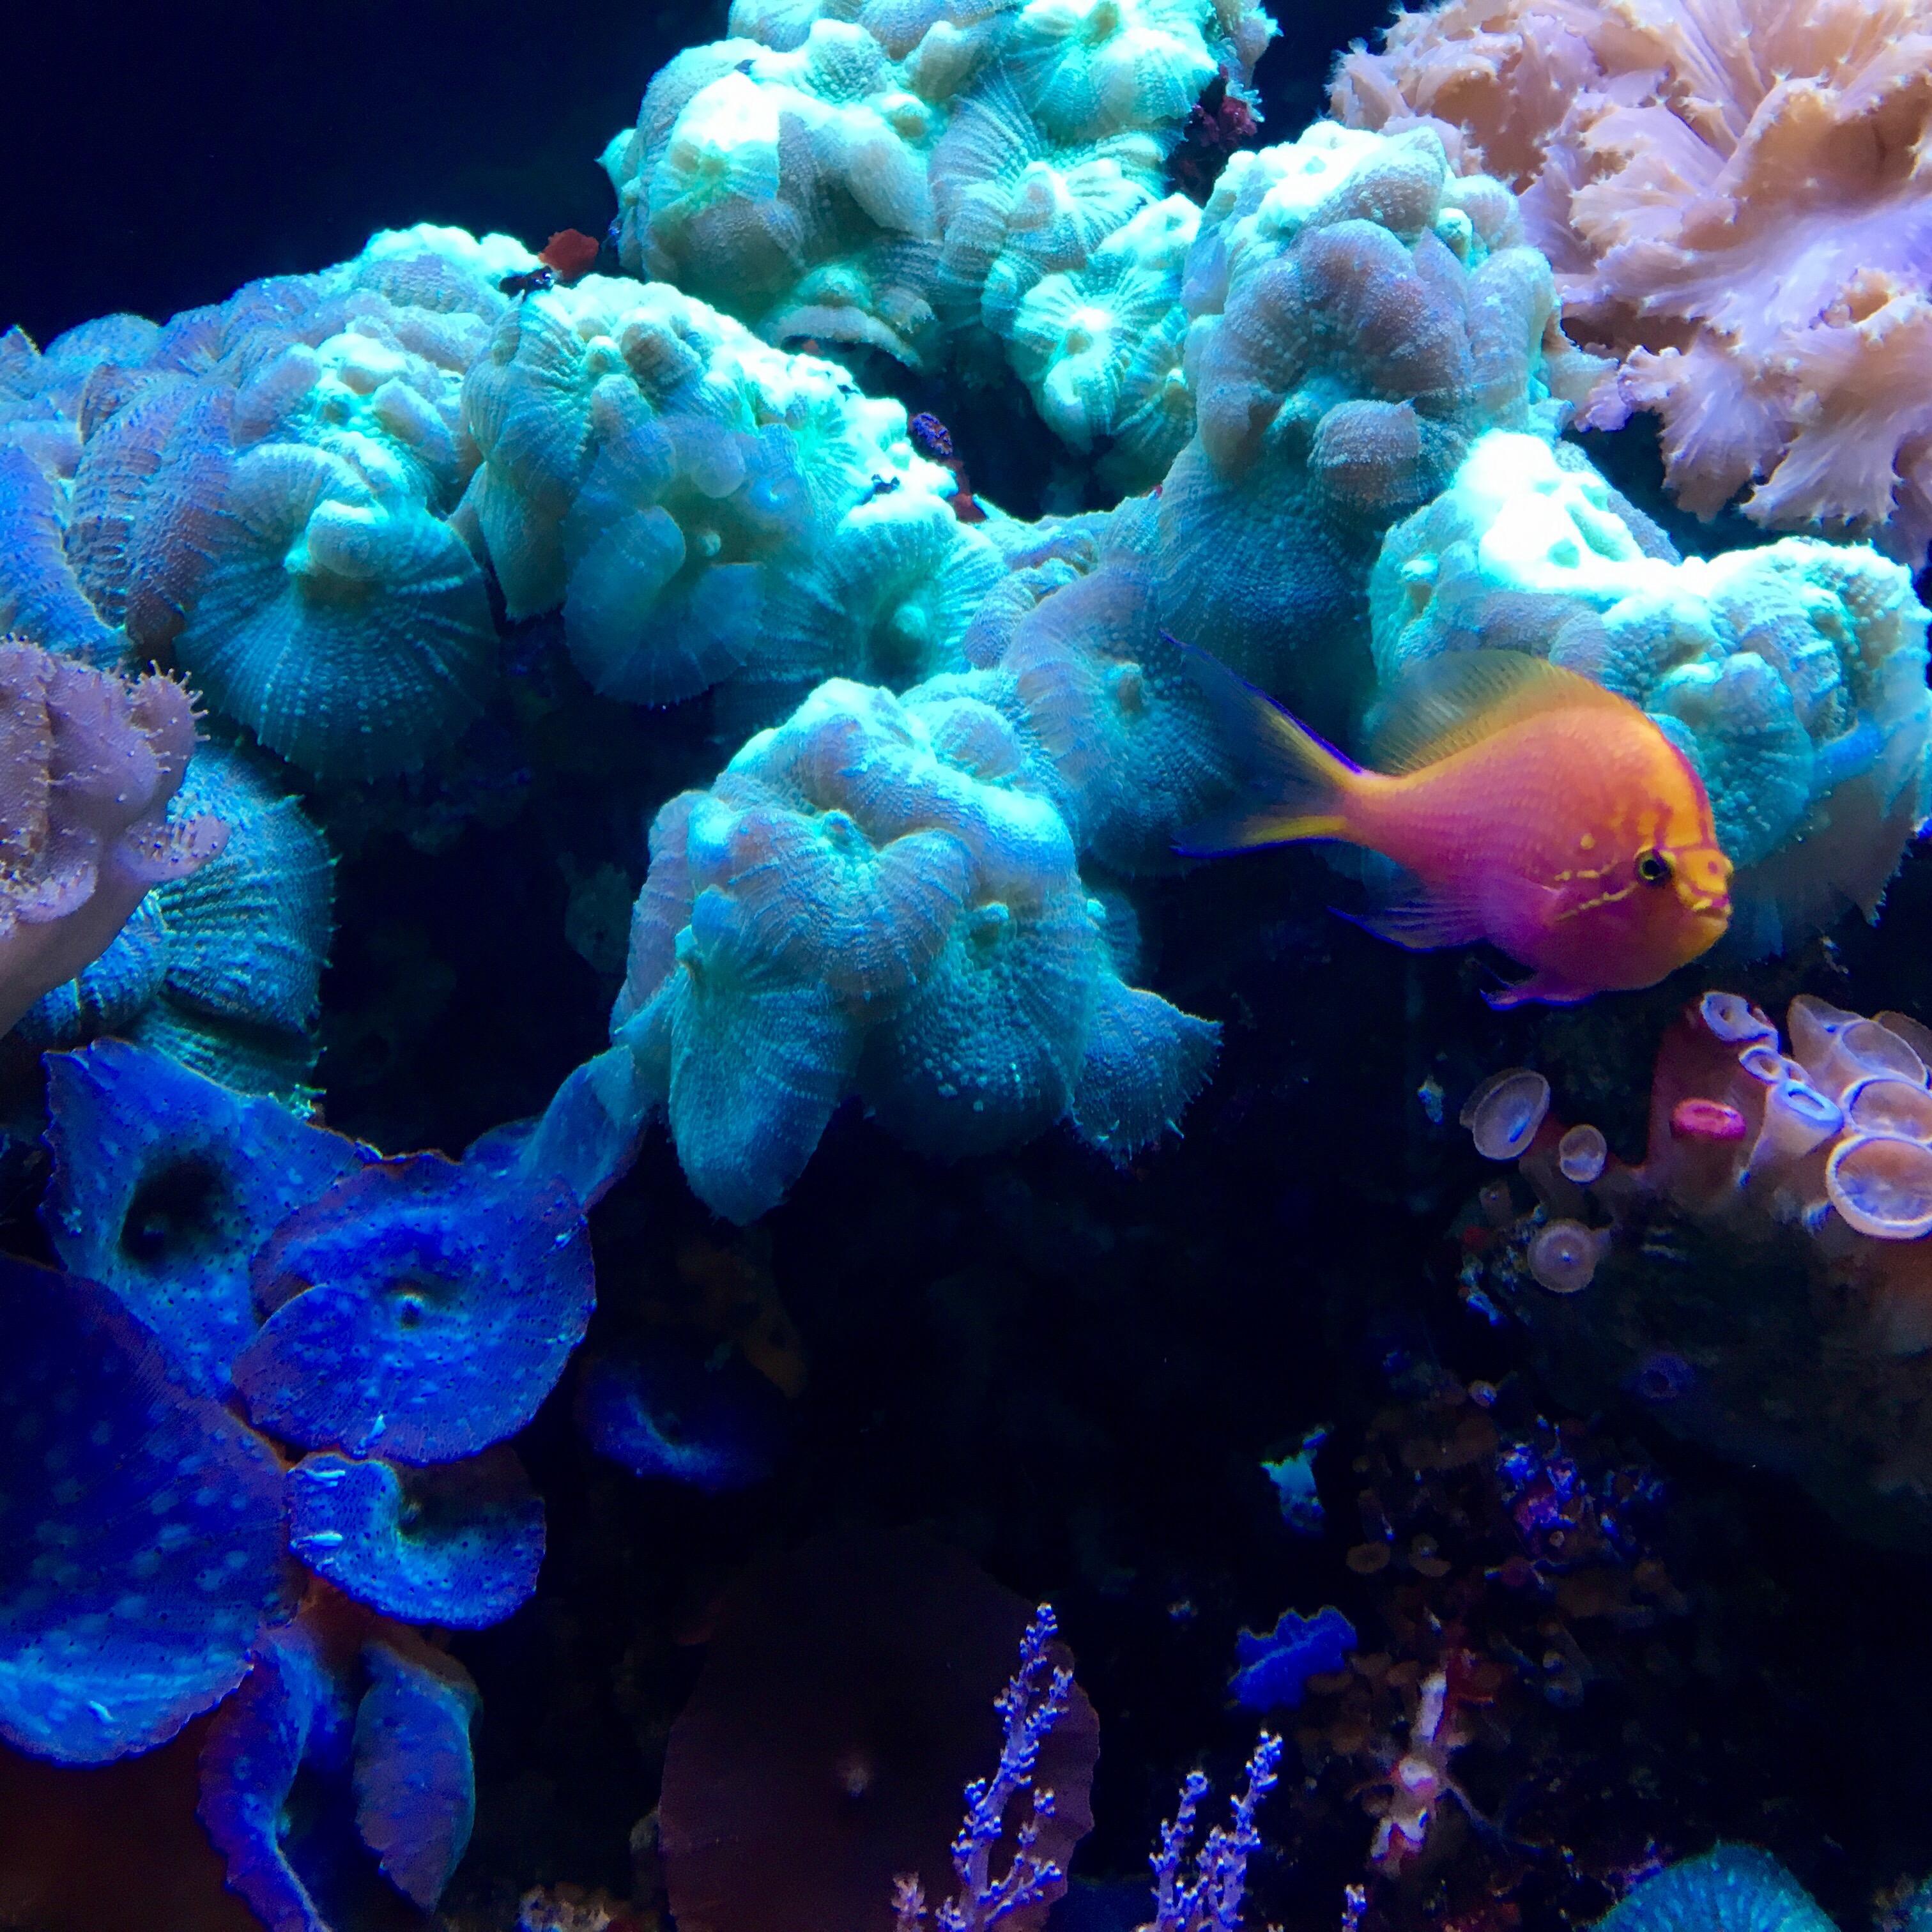 The Florida Aquarium Elyssa Writes